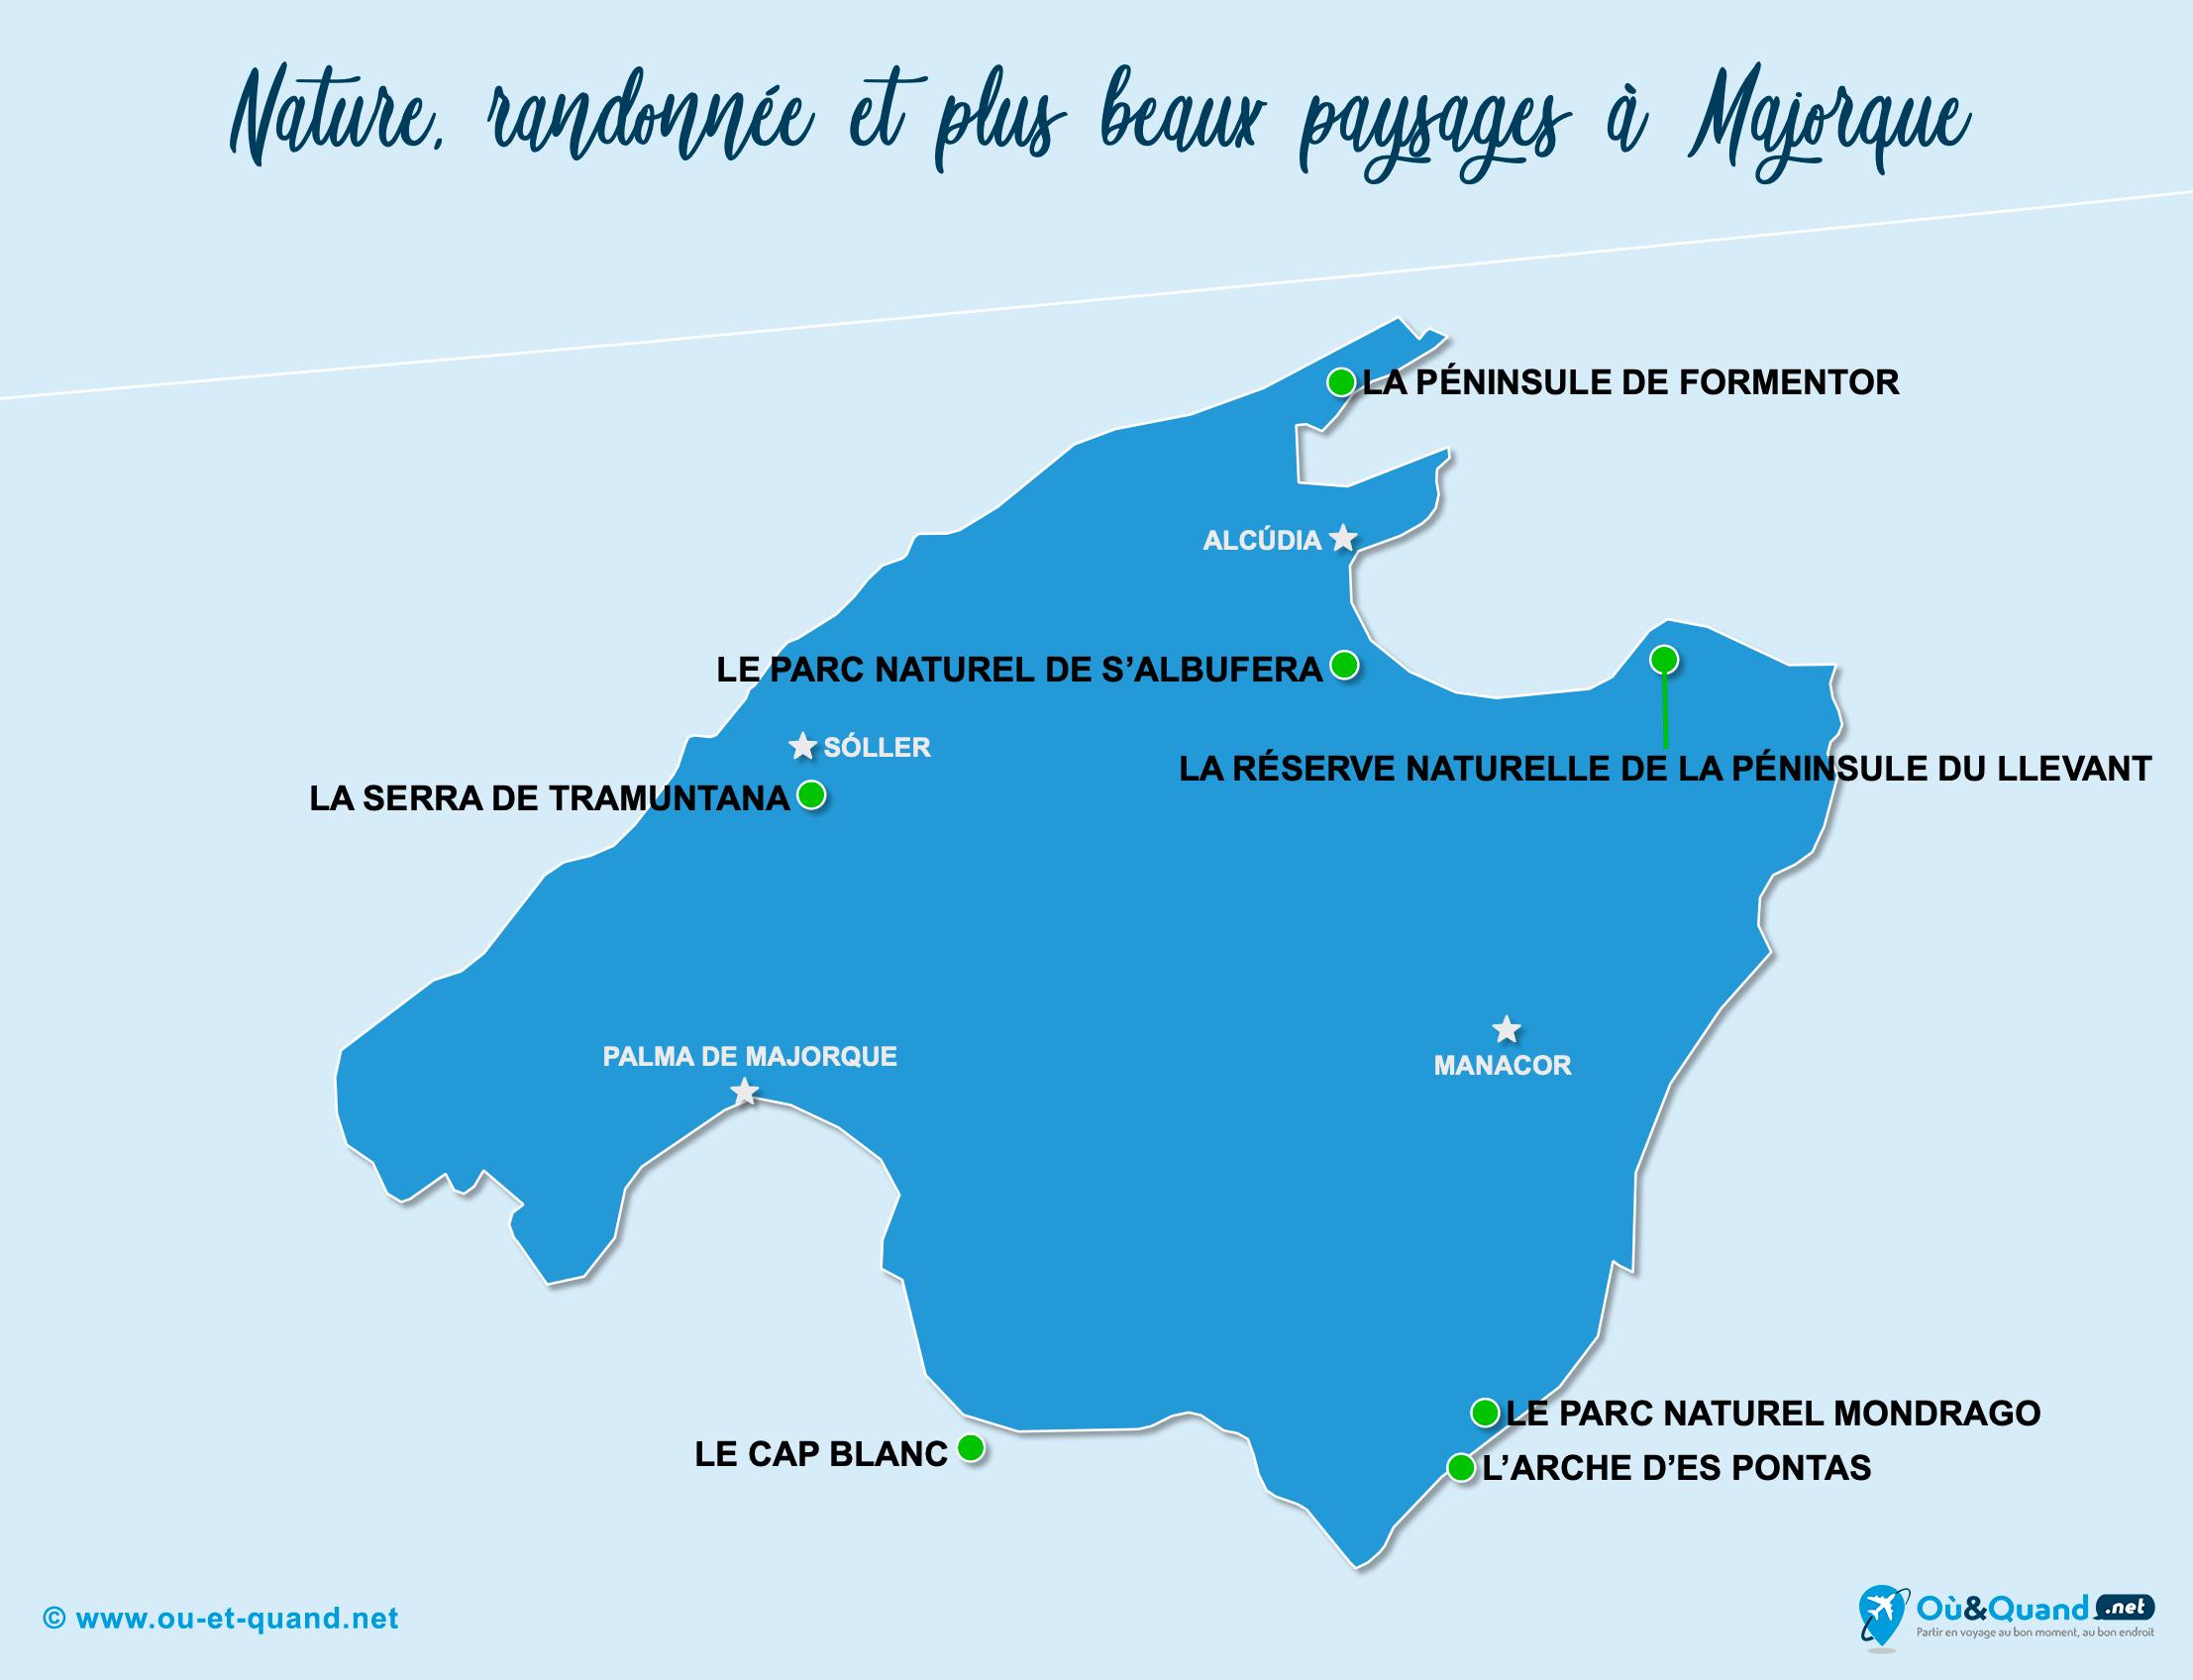 Carte Majorque : Les plus beaux paysages de Majorque